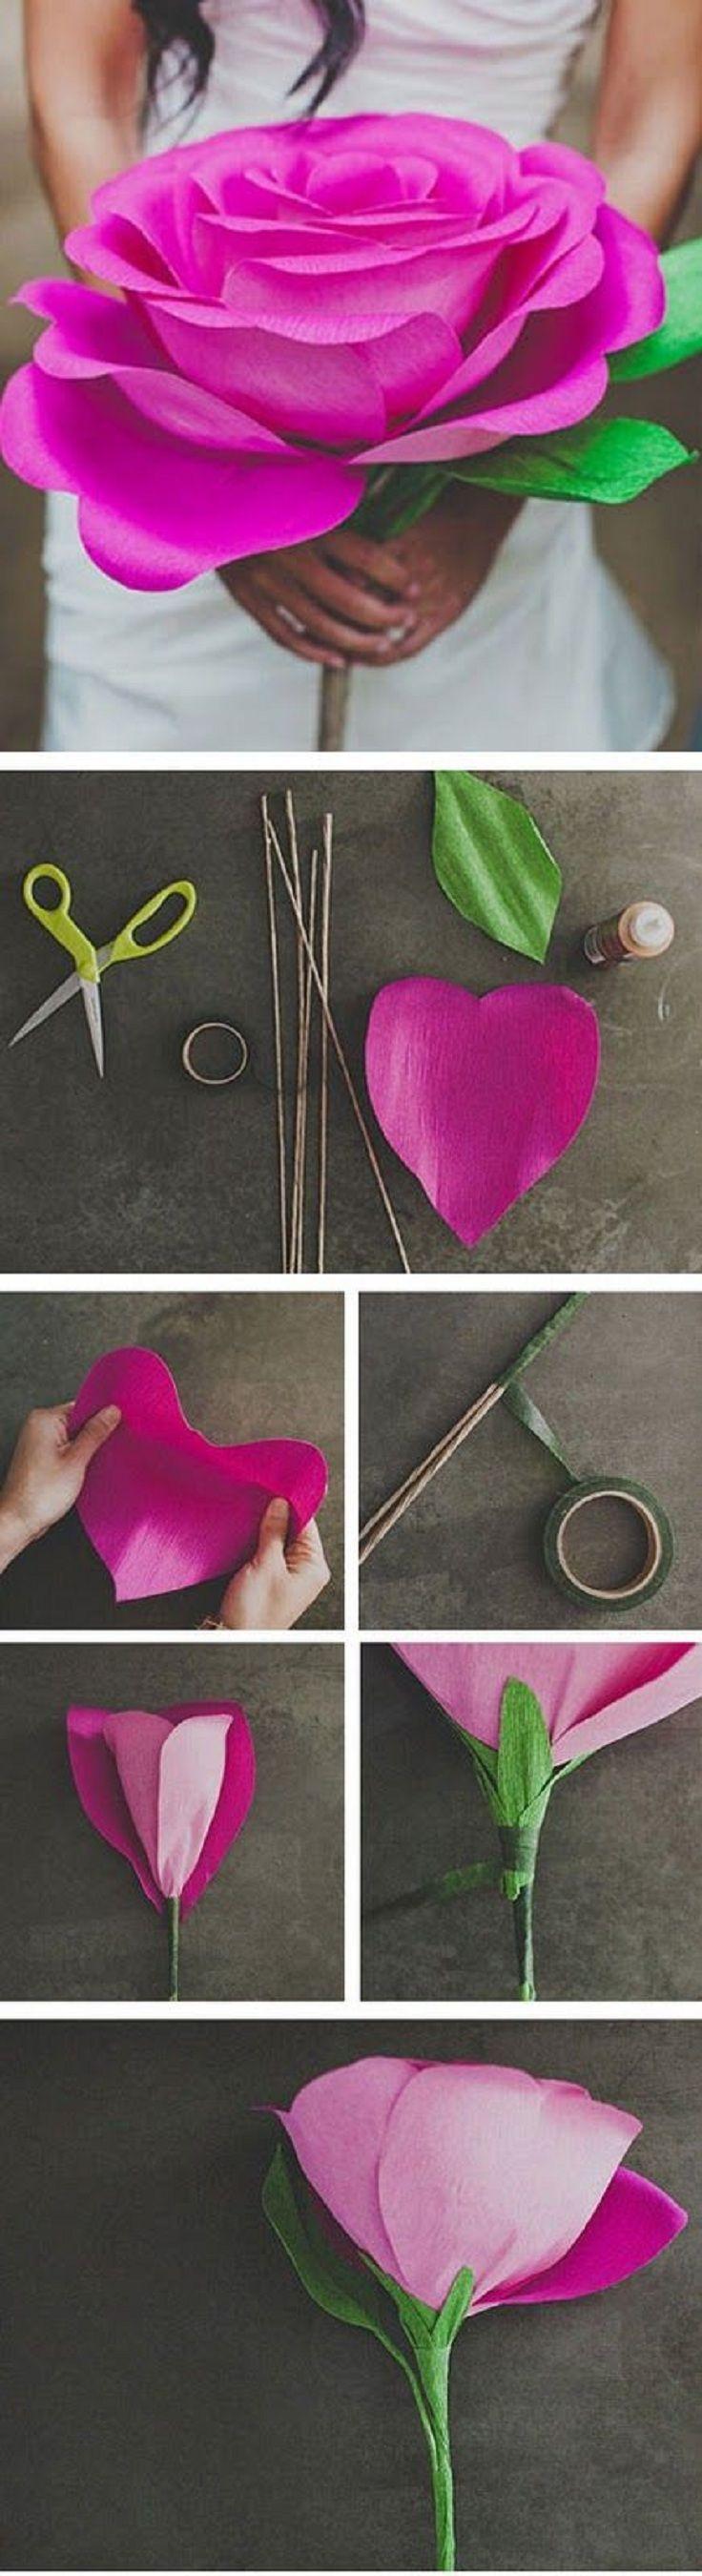 Сделать розу своими руками схема